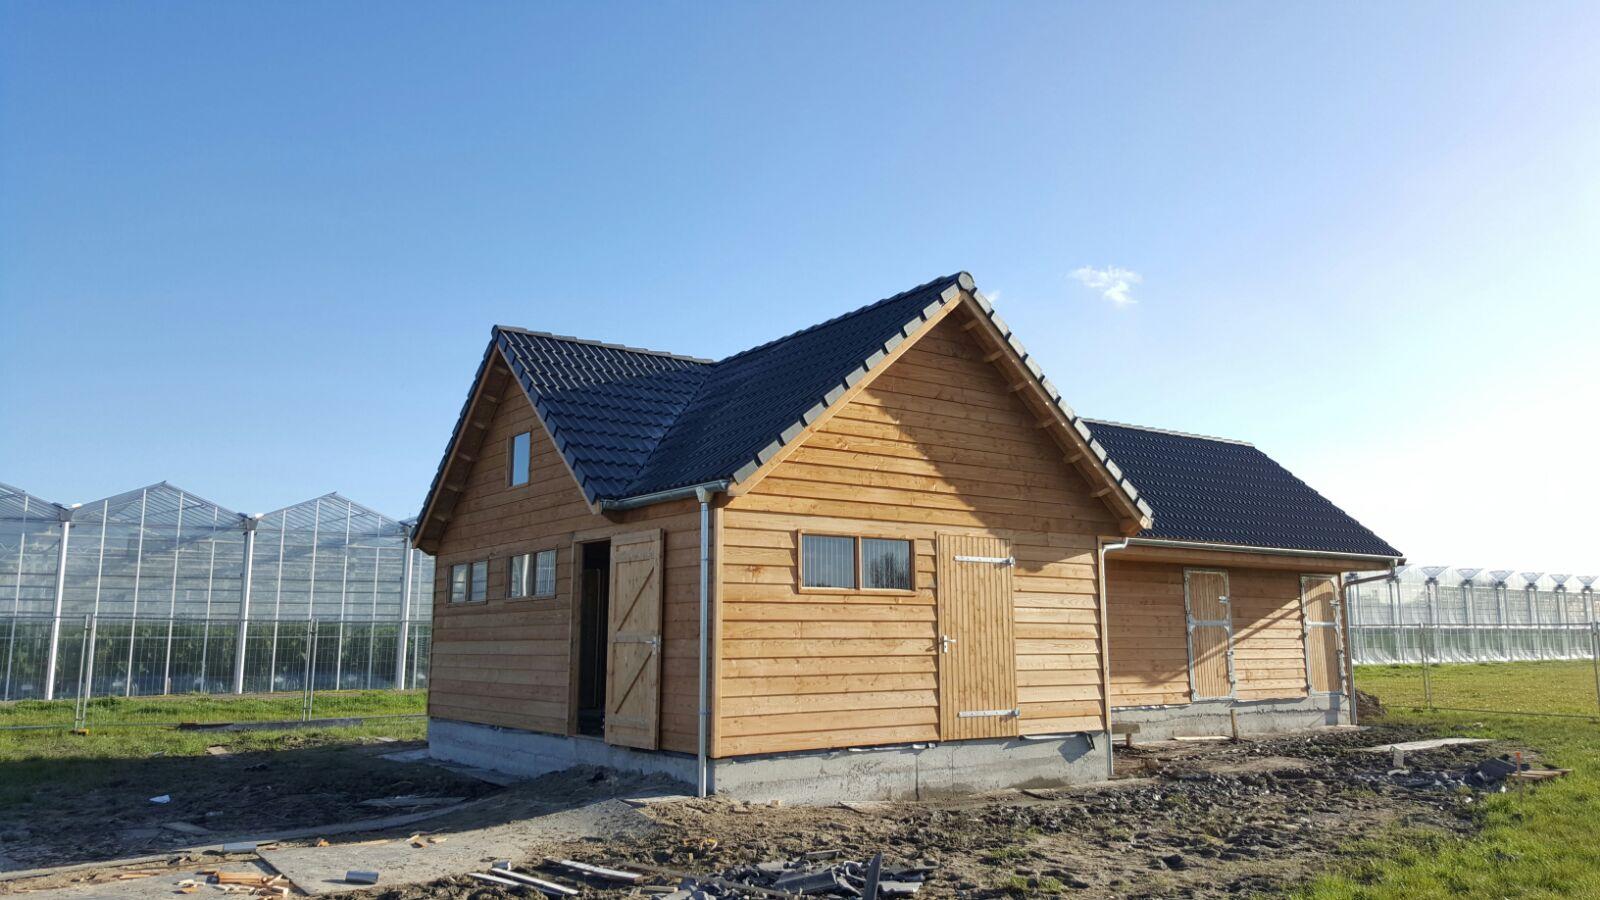 Garage inclusief paardenstal Ascot Systeembouw Nederland